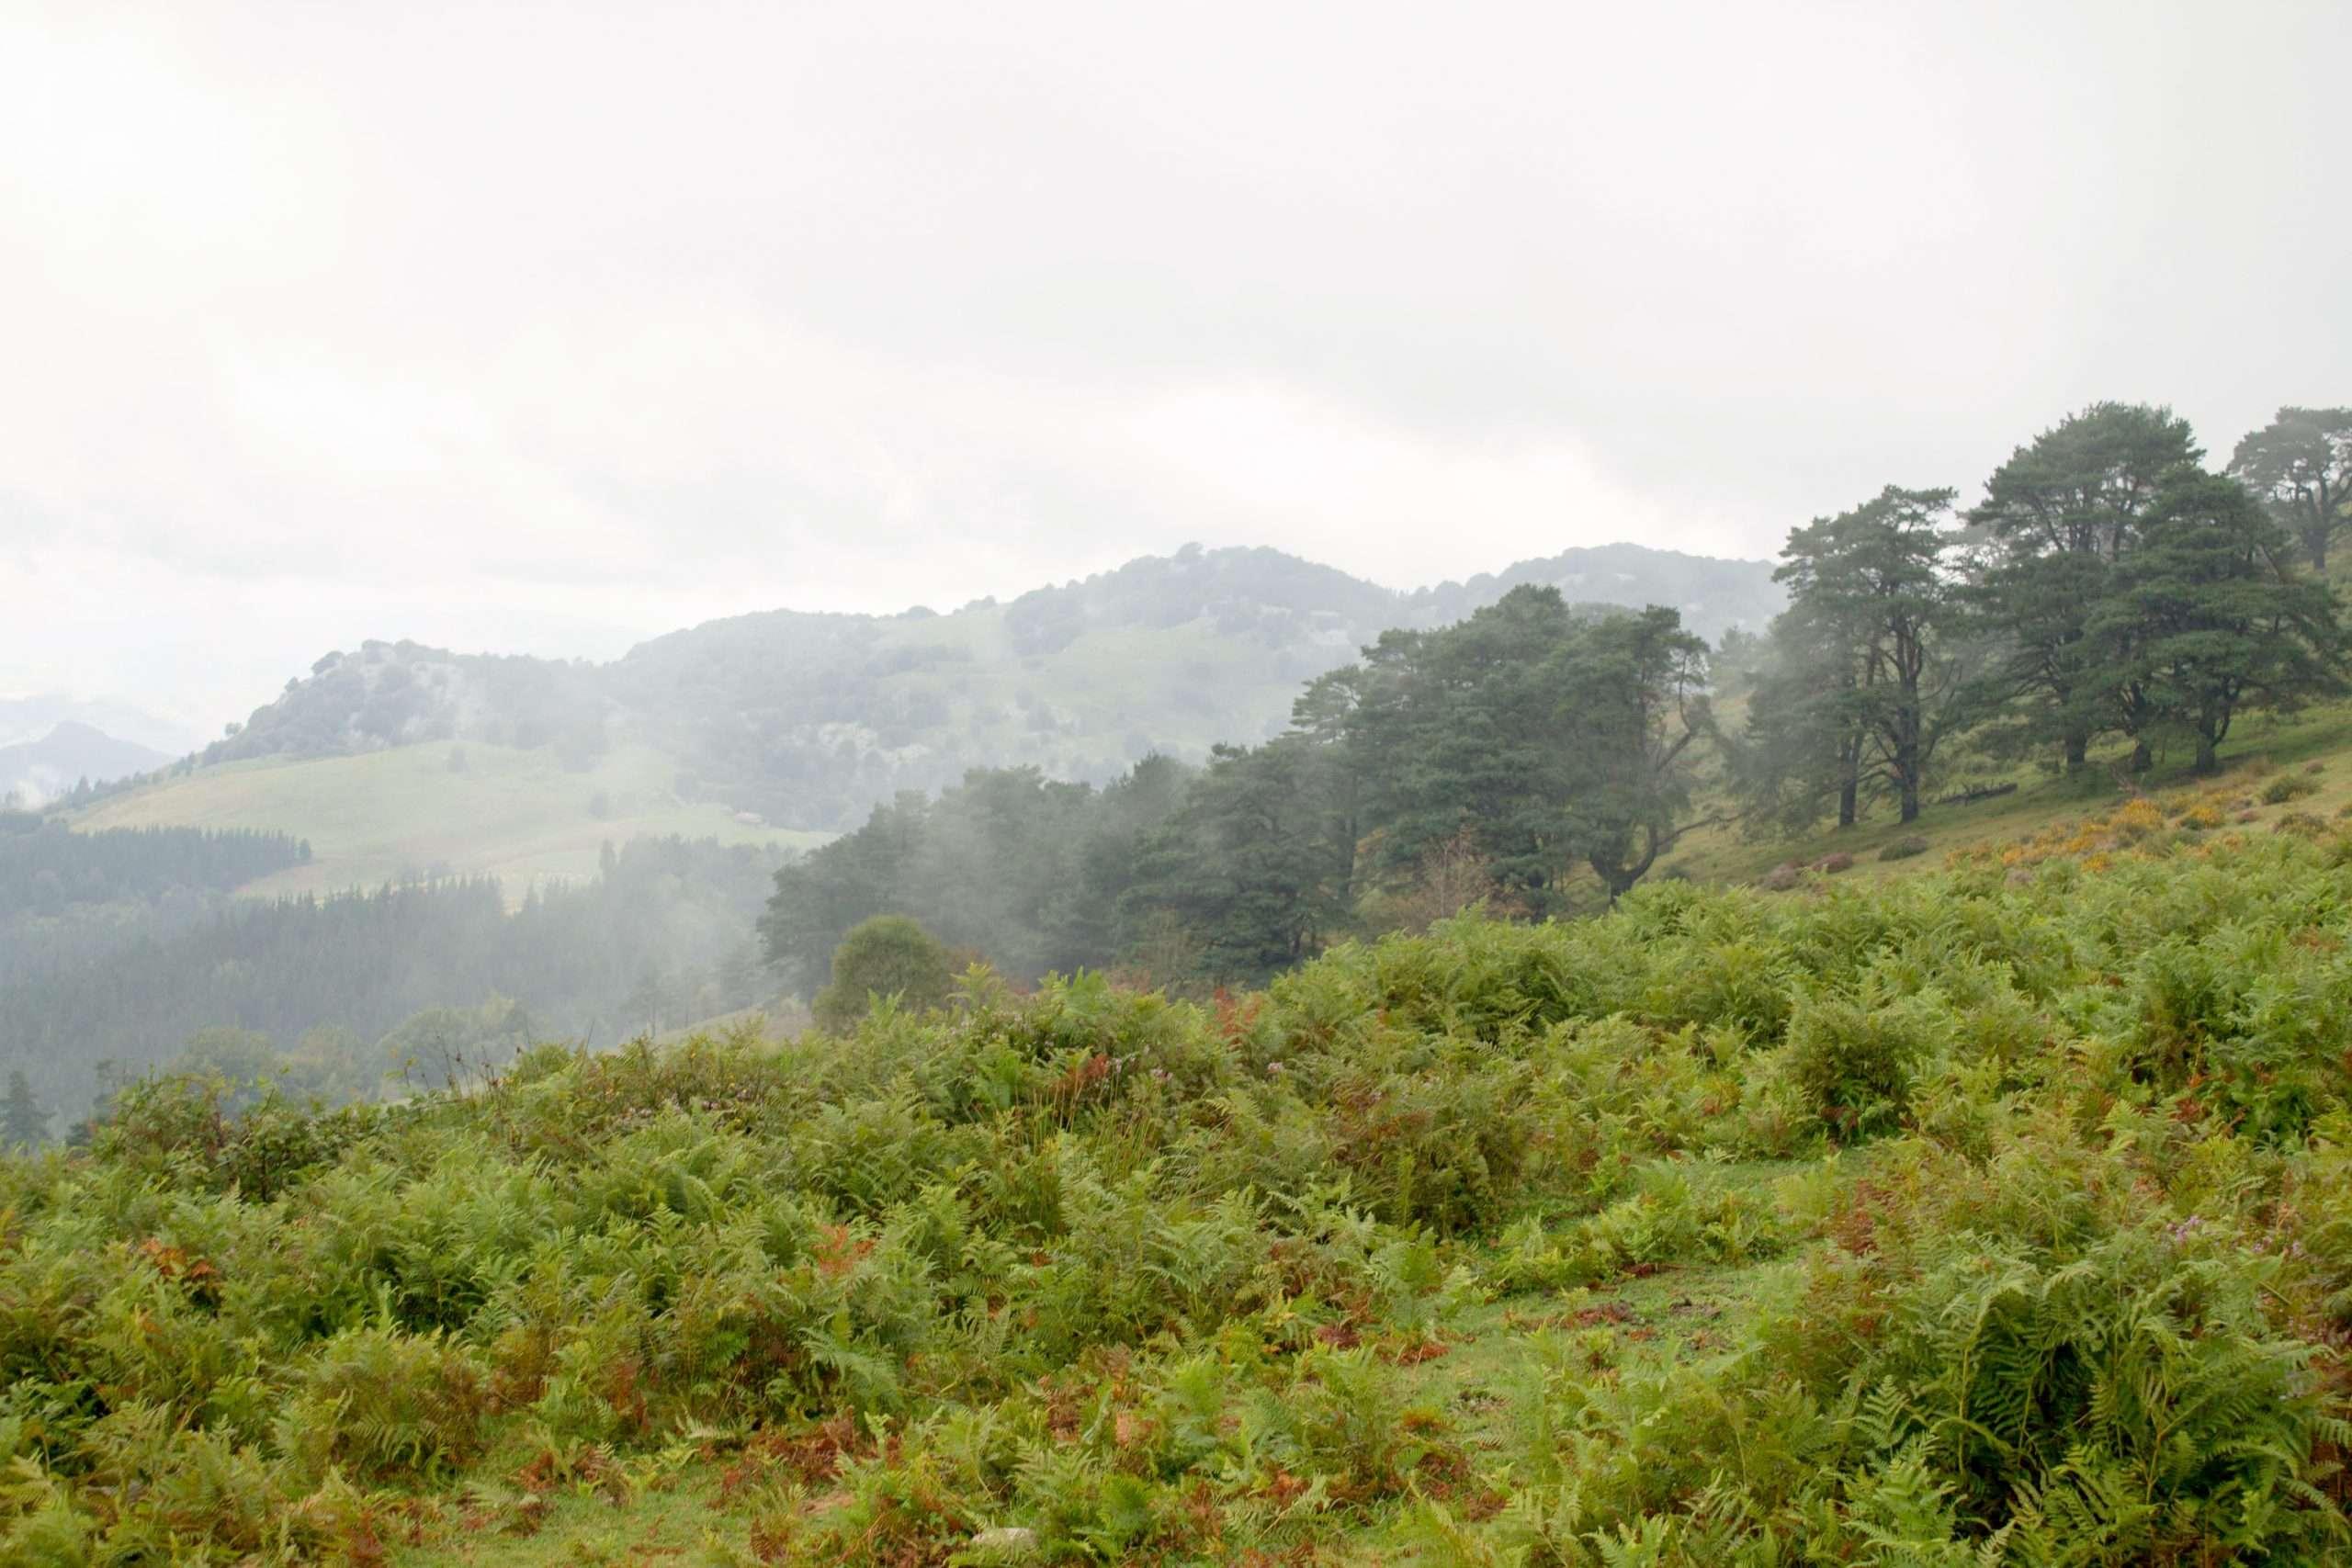 sendero parque natural urkiola